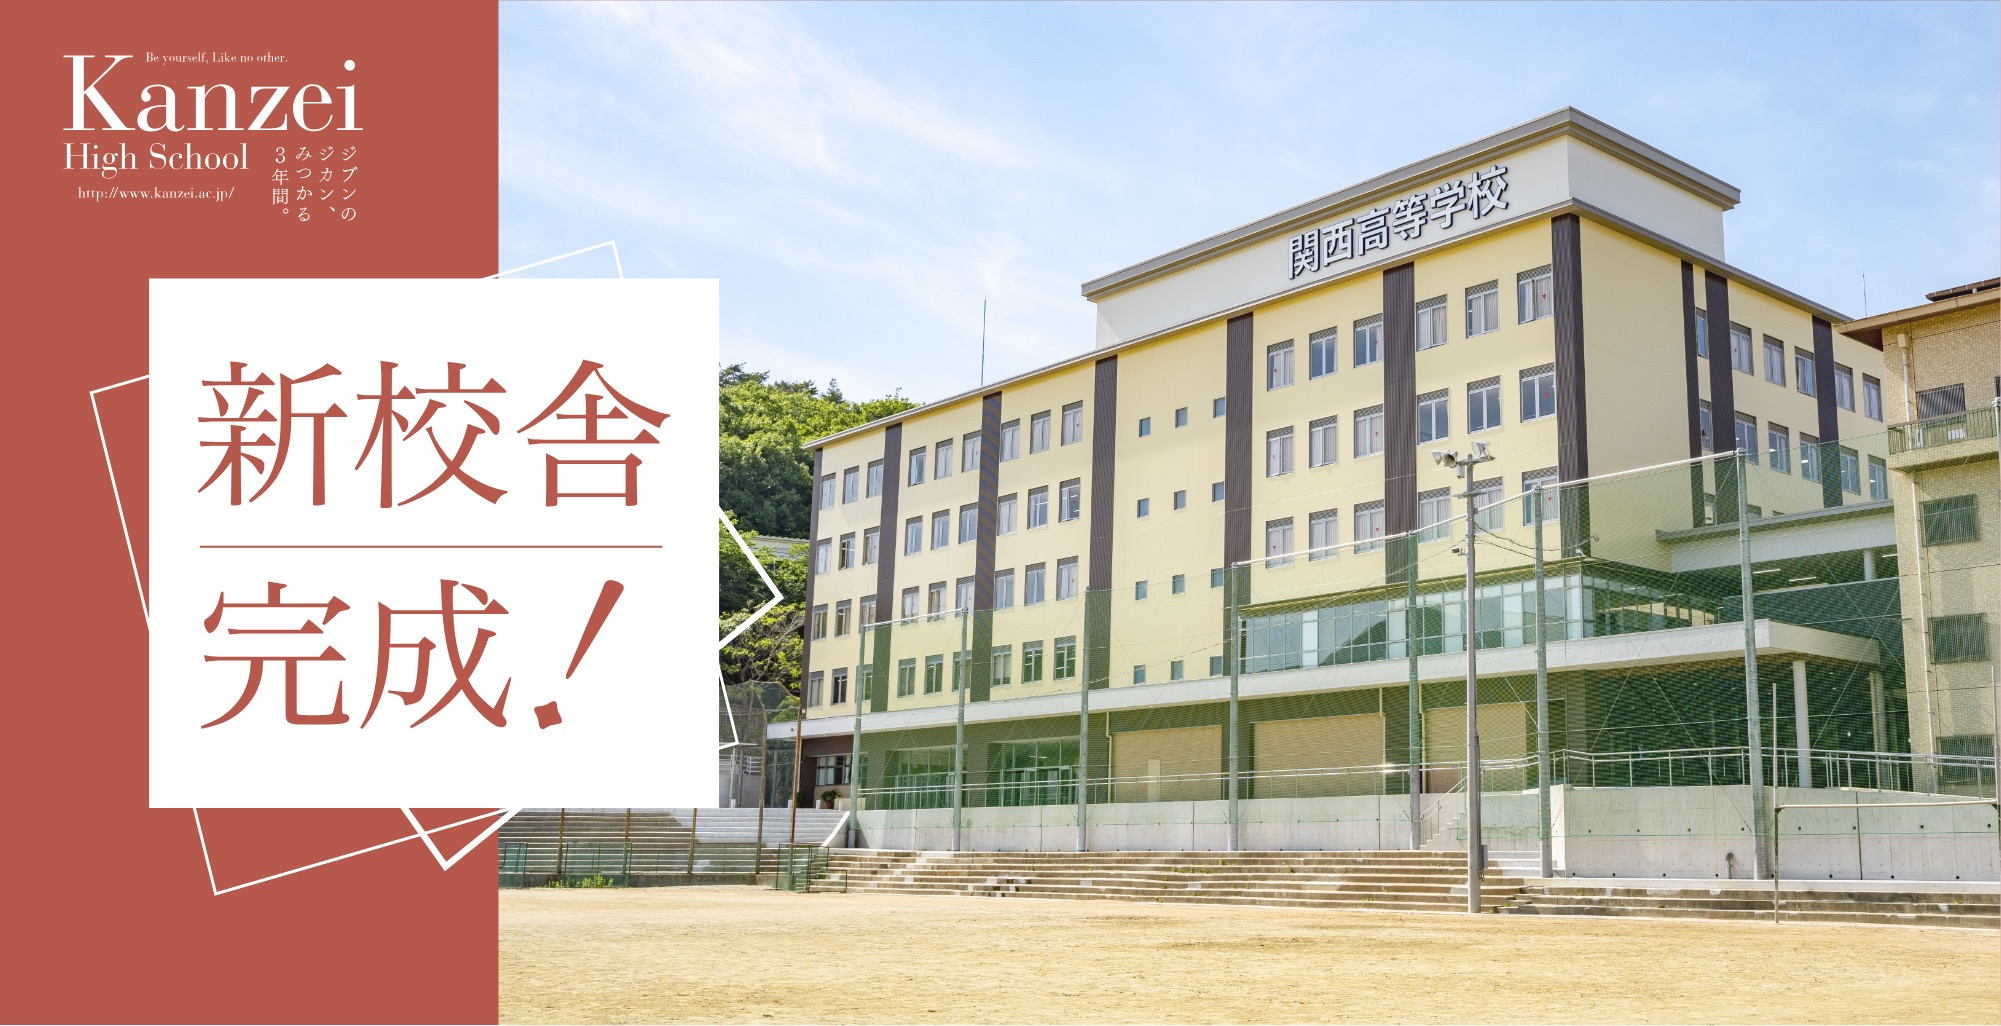 新校舎では、学びやすい環境が揃っています。